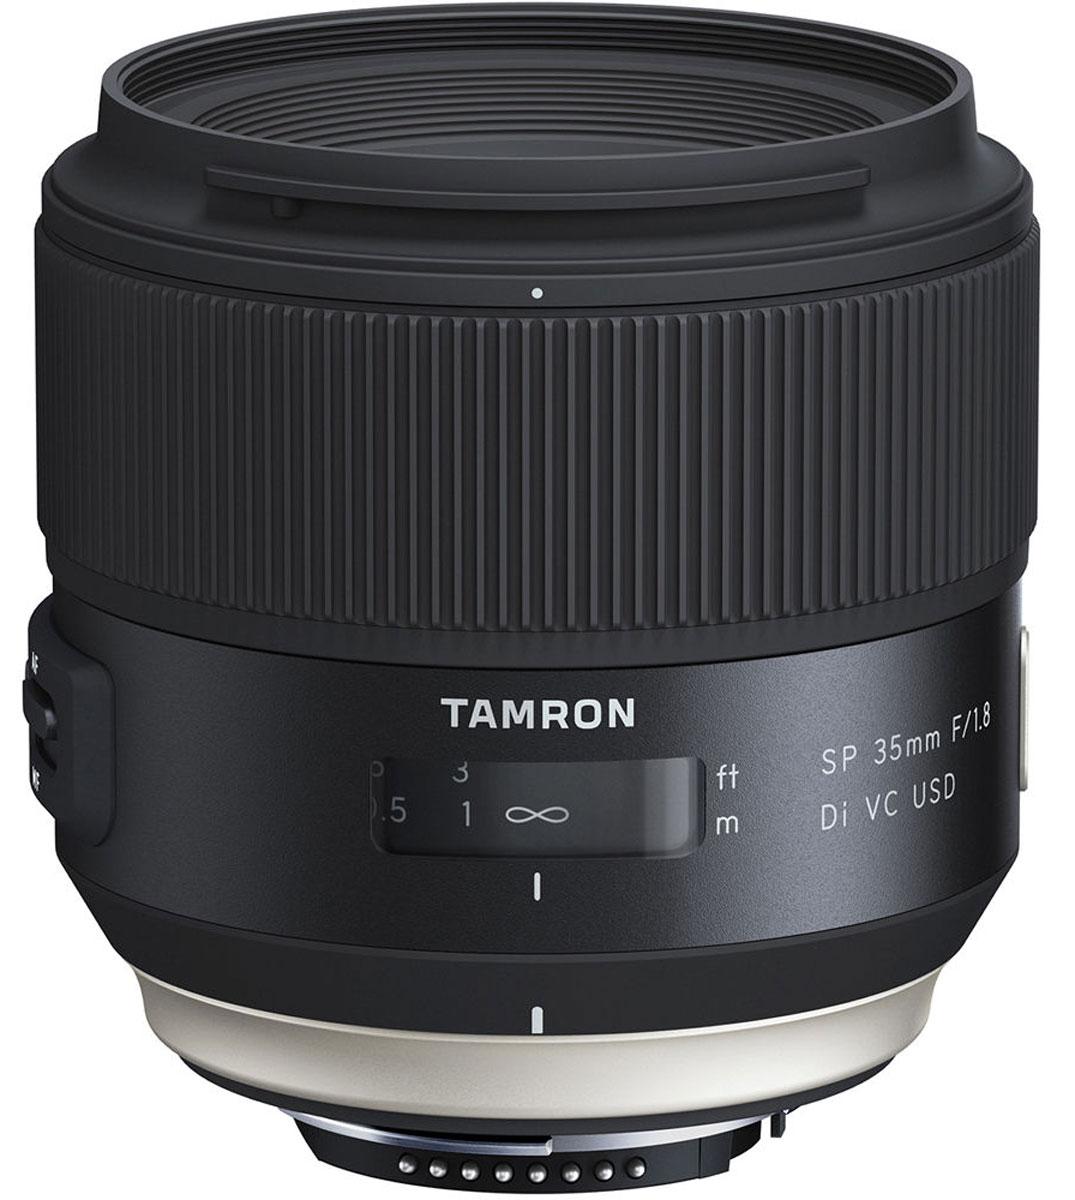 Tamron SP 35mm F/1.8 DI VC USD, Black объектив для Nikon